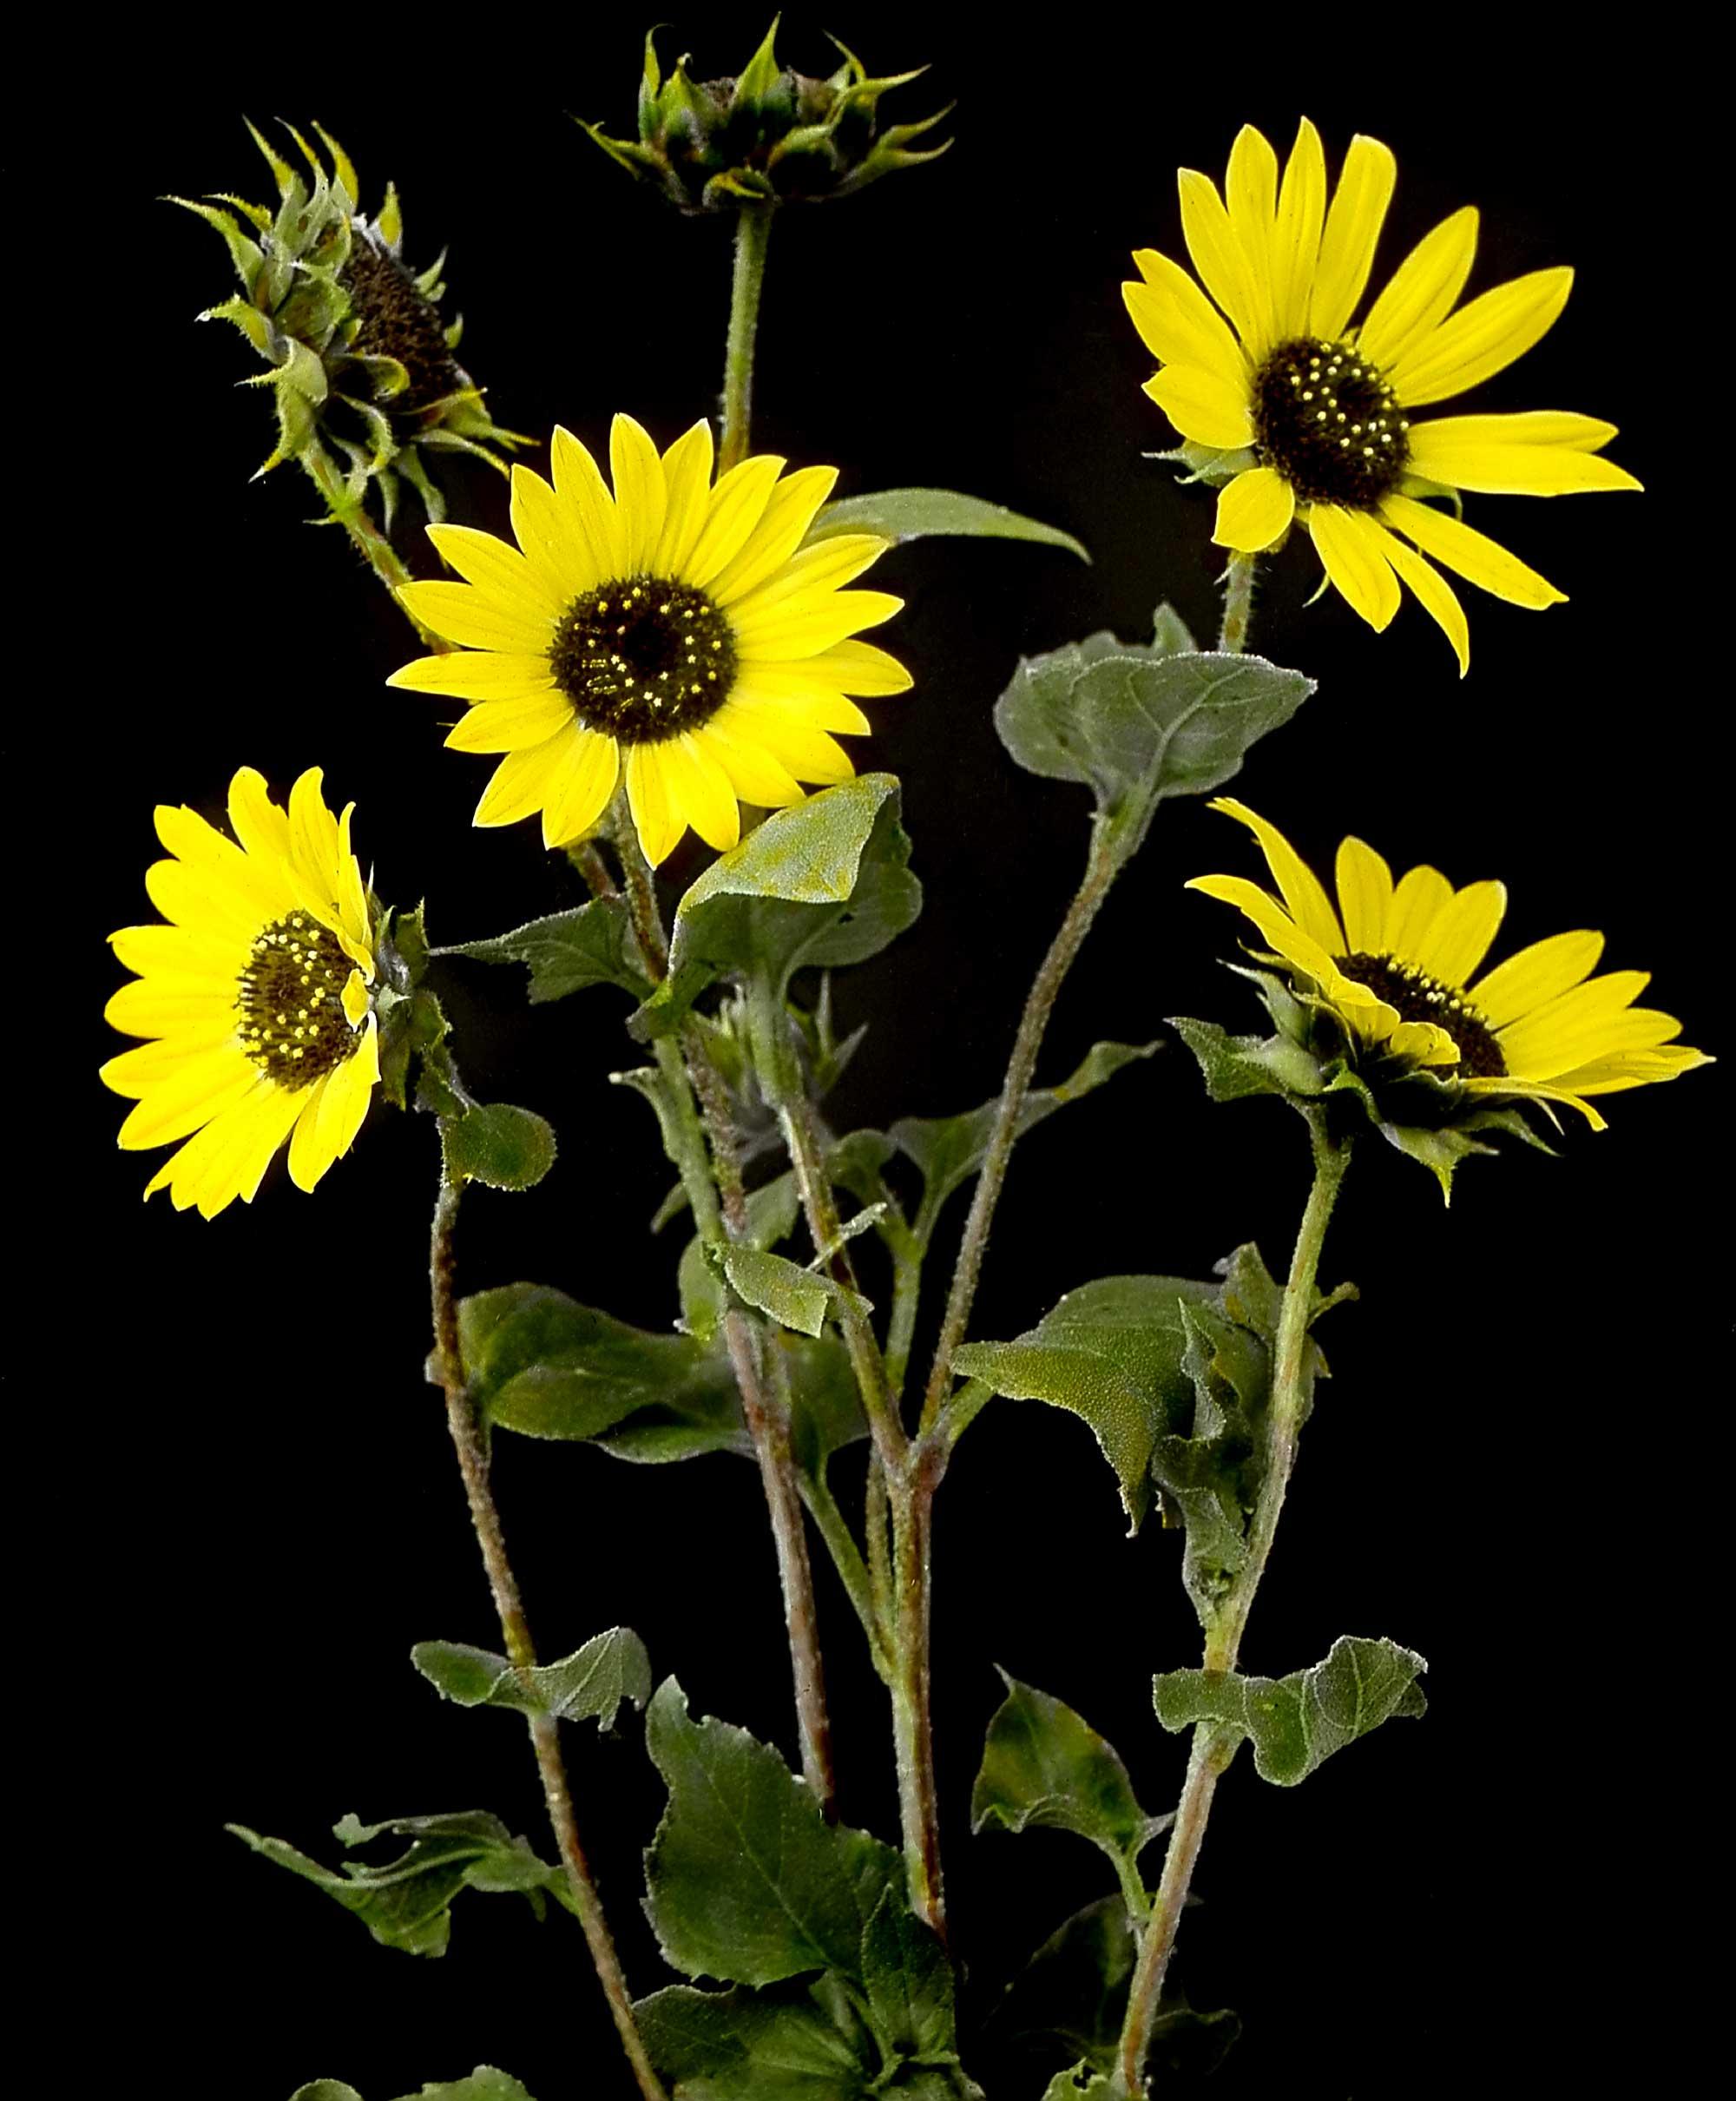 flowers-24.jpg